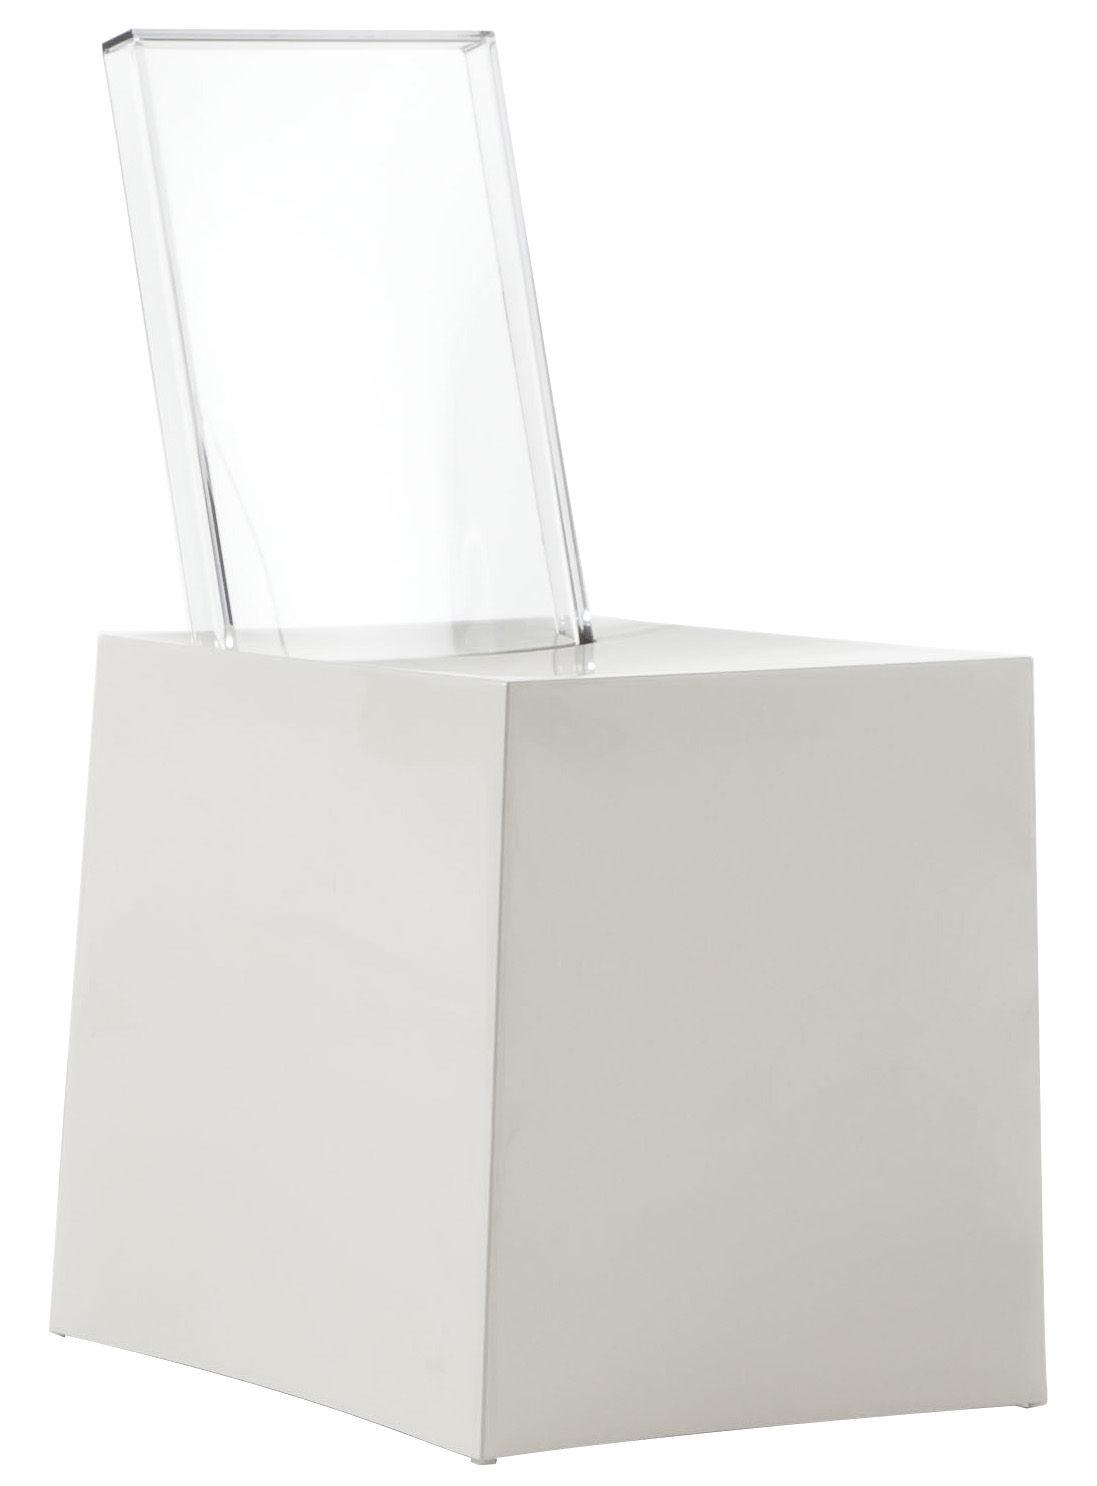 Möbel - Stühle  - Miss Less Stuhl - Kartell - Sitzfläche weiß / Rückenlehne kristall - Polykarbonat, Technoplymer